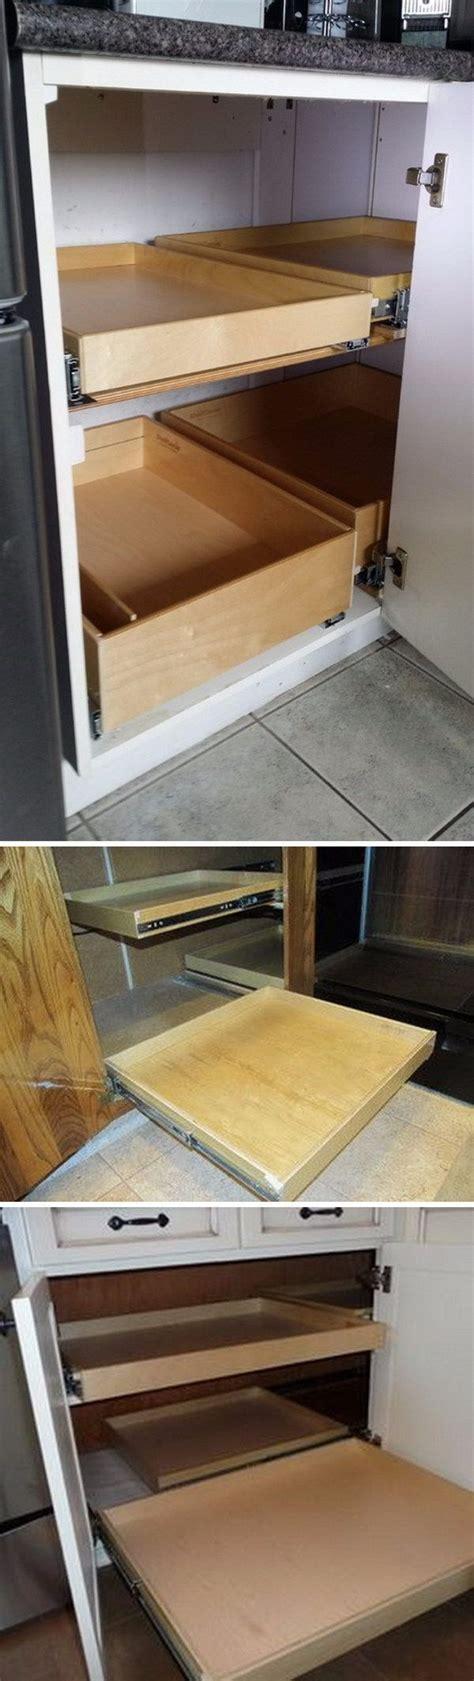 blind corner cabinet solutions australia best 25 kitchen corner ideas on corner